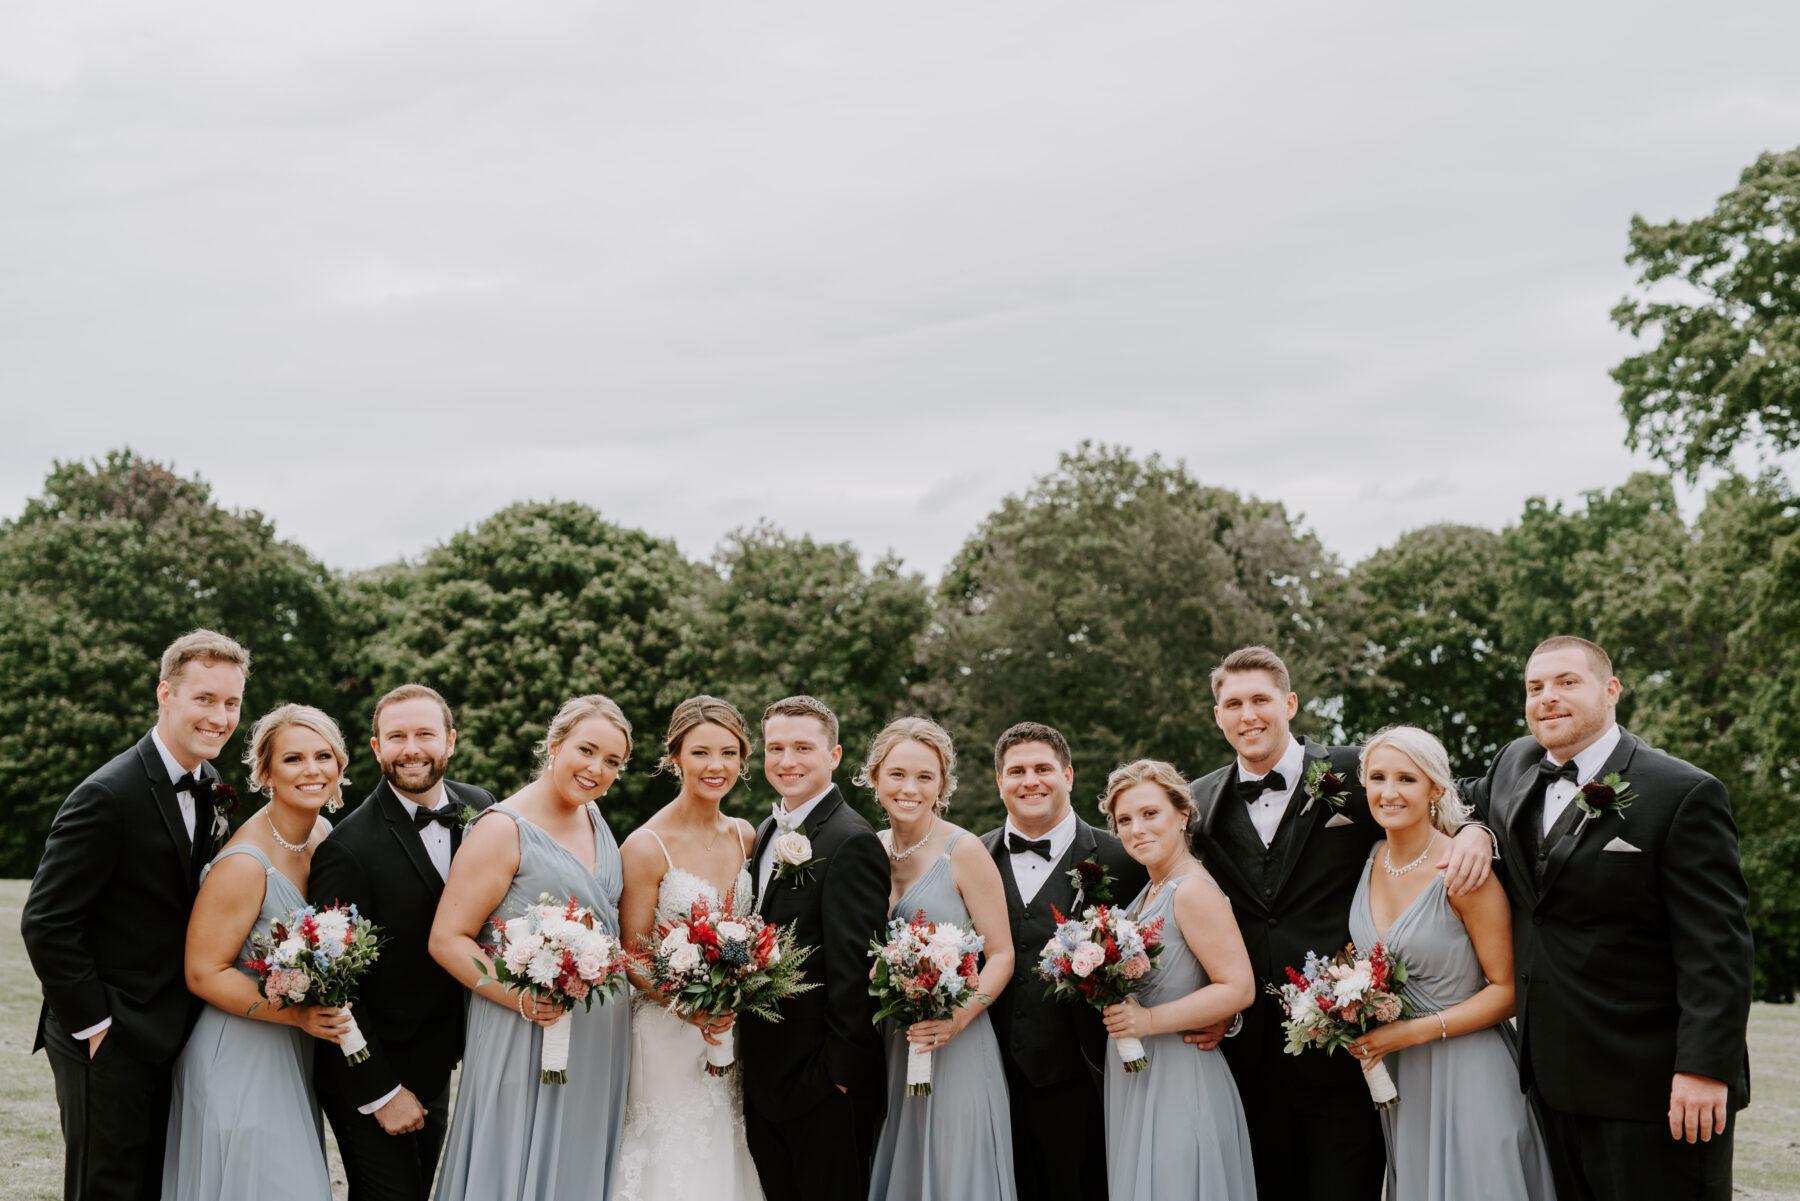 Aldrich Mansion Warwick Wedding Lauren and Paul Blueflash Photography 15